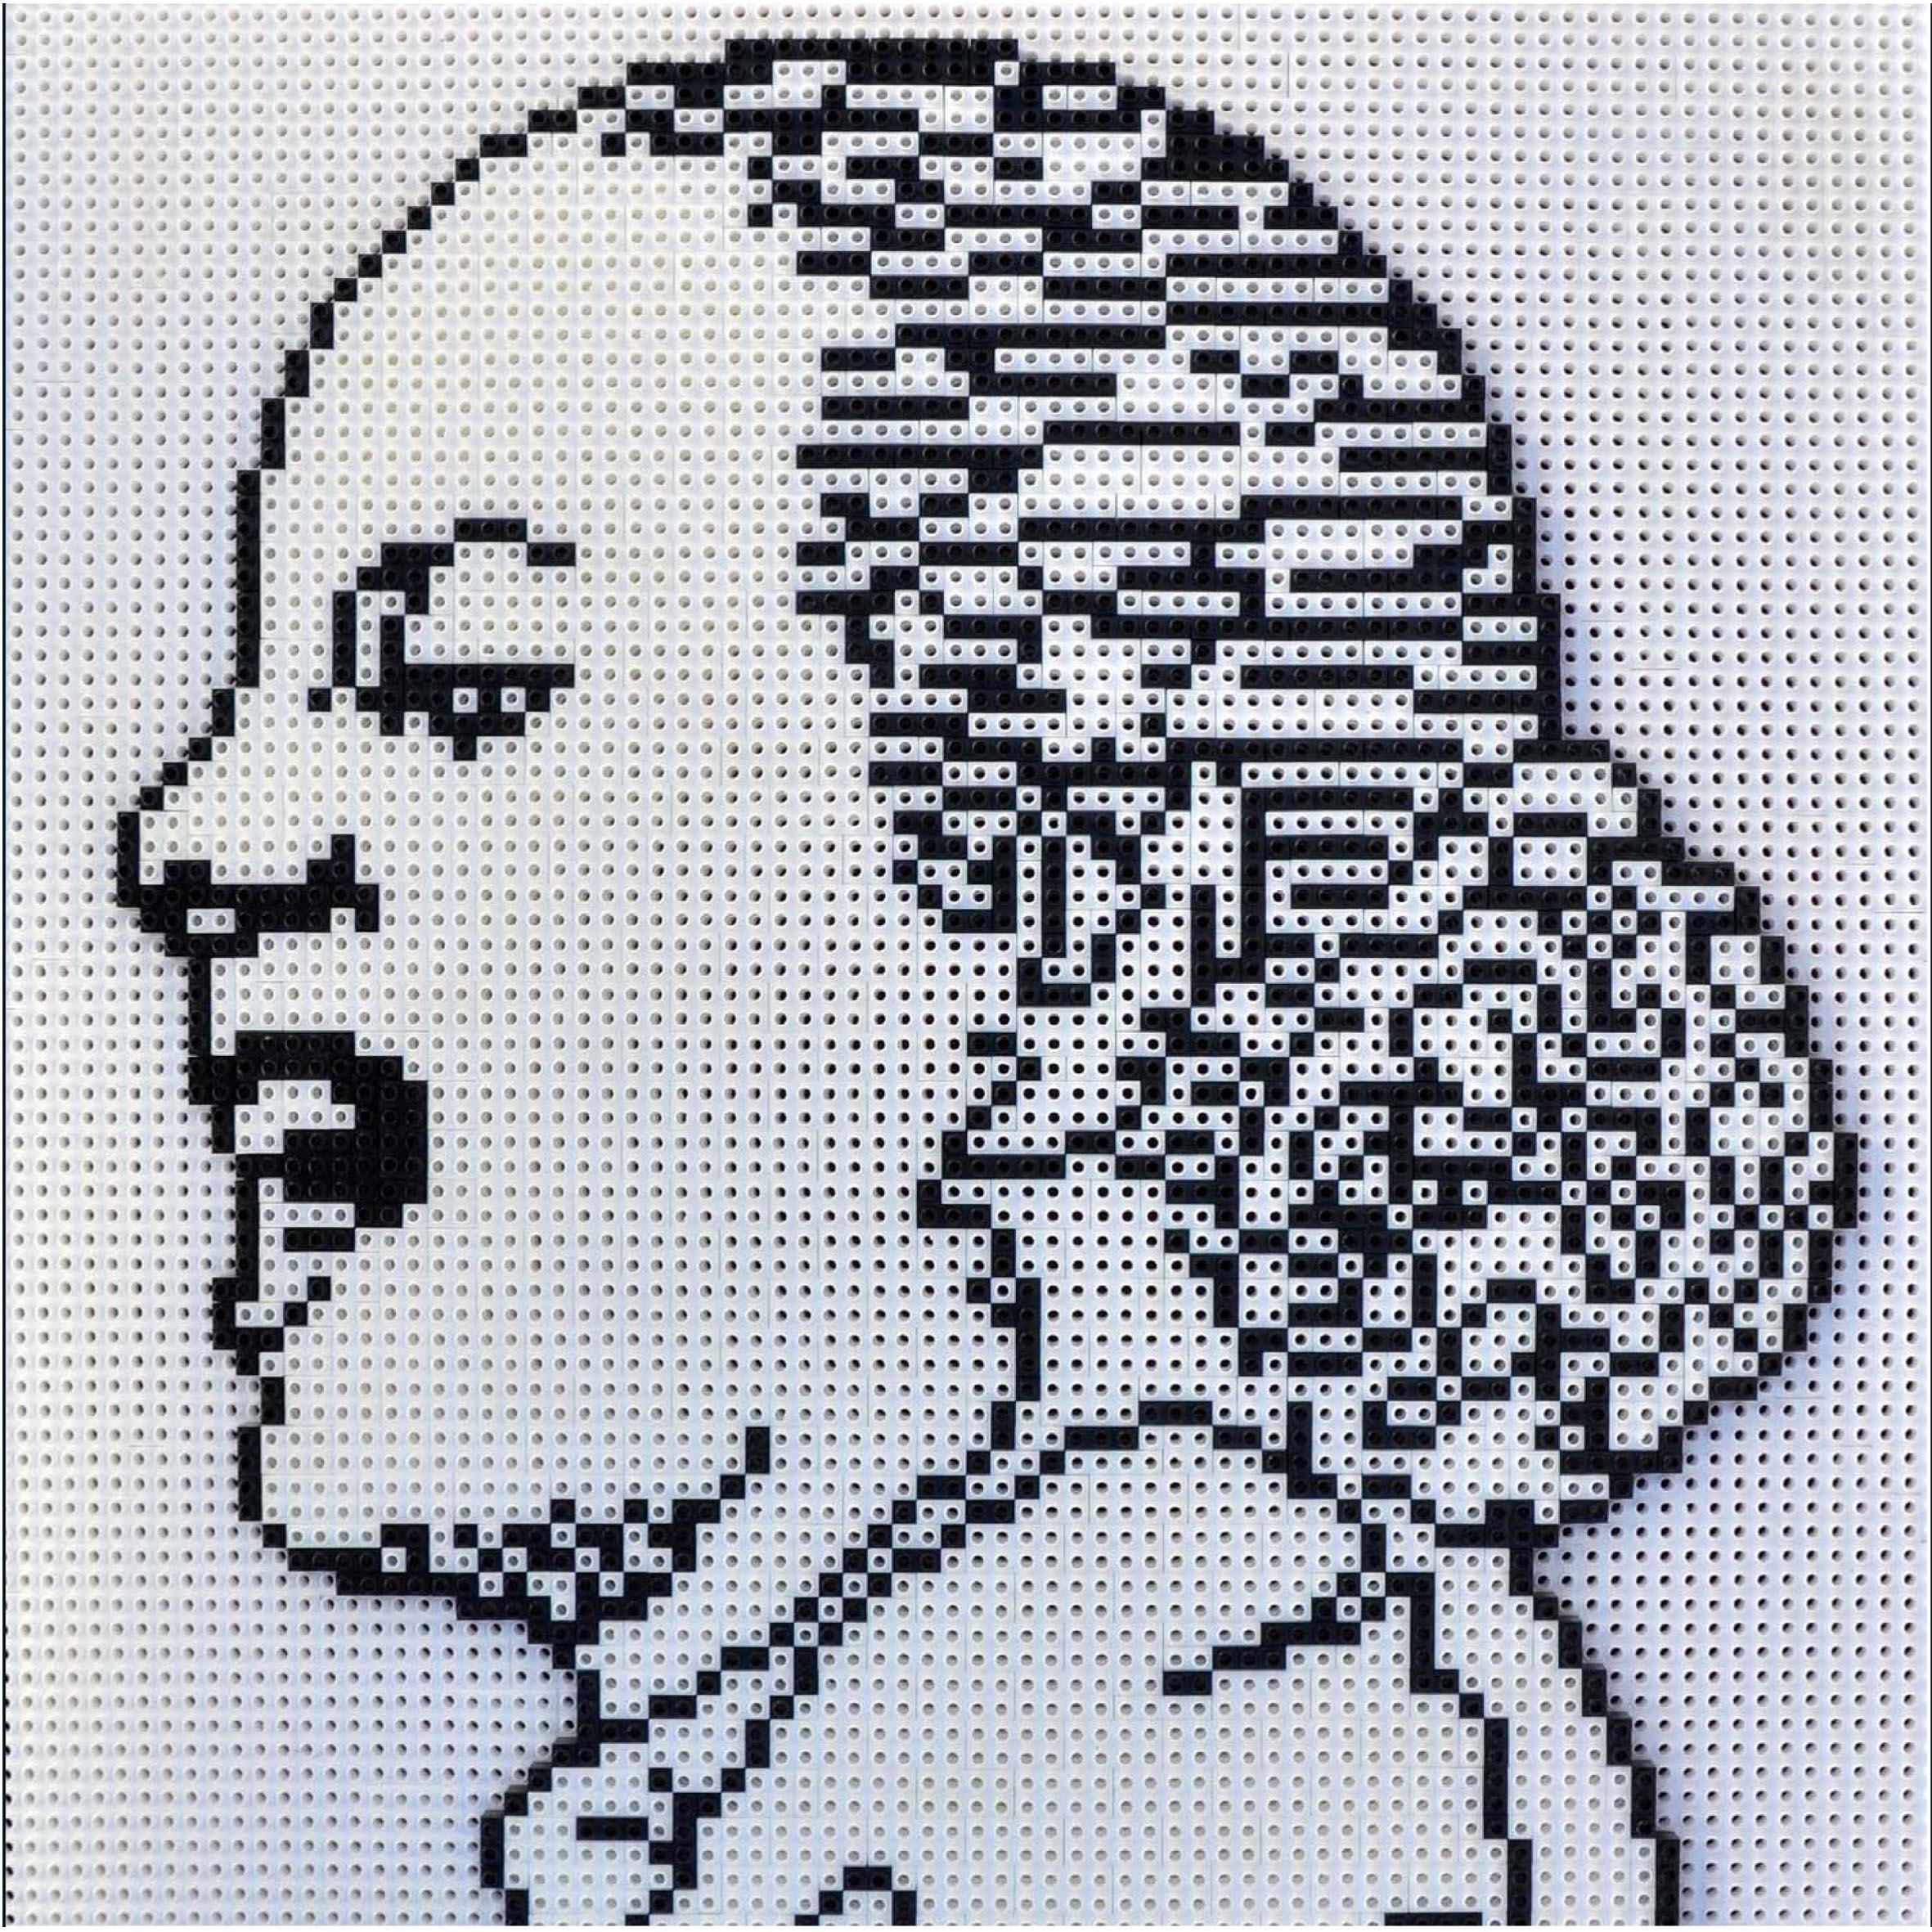 Evita Eterna, ensamblaje de piezas Rasti. Serie Ideas Argentinas. 2012